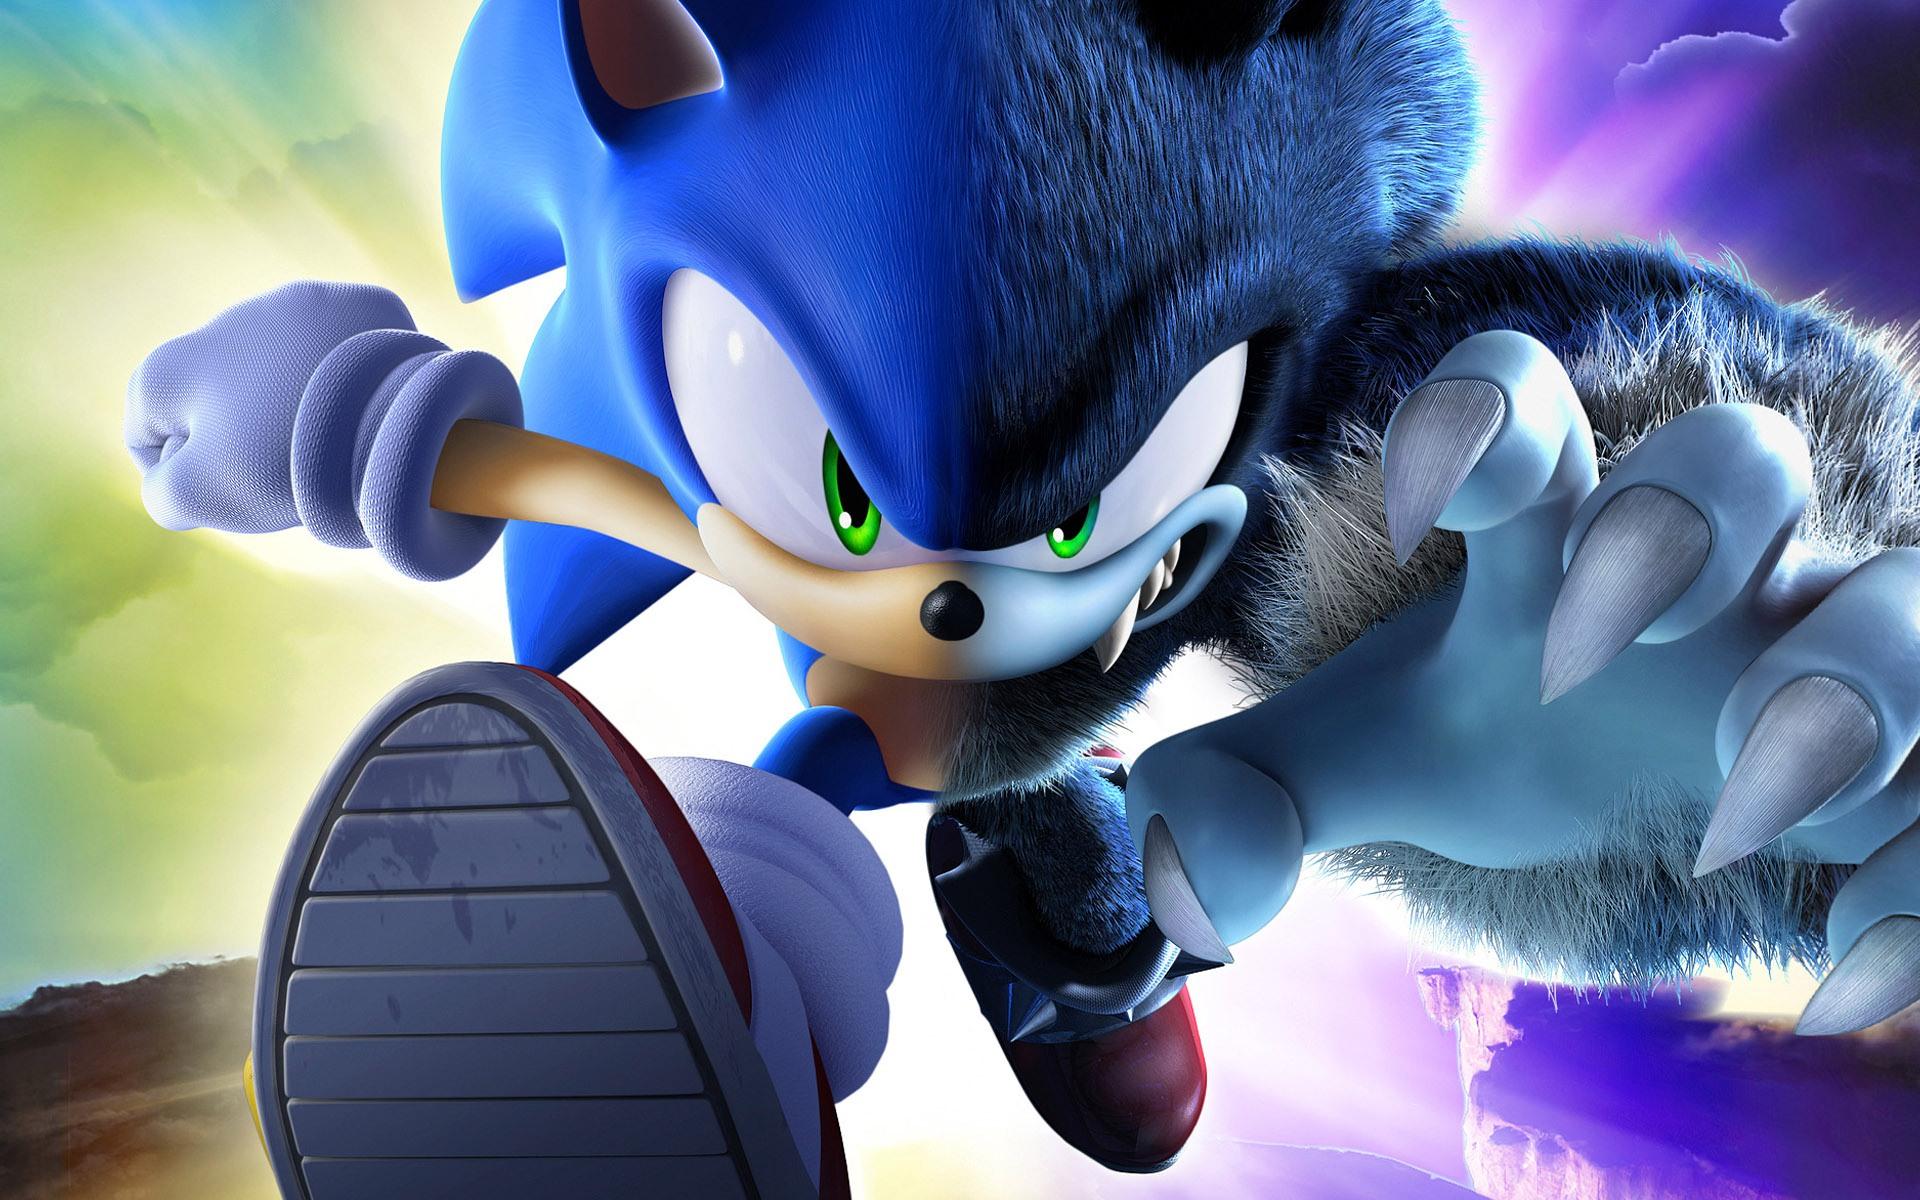 Sonic wallpaper for desktop wallpapersafari - Super sonic wallpaper free download ...